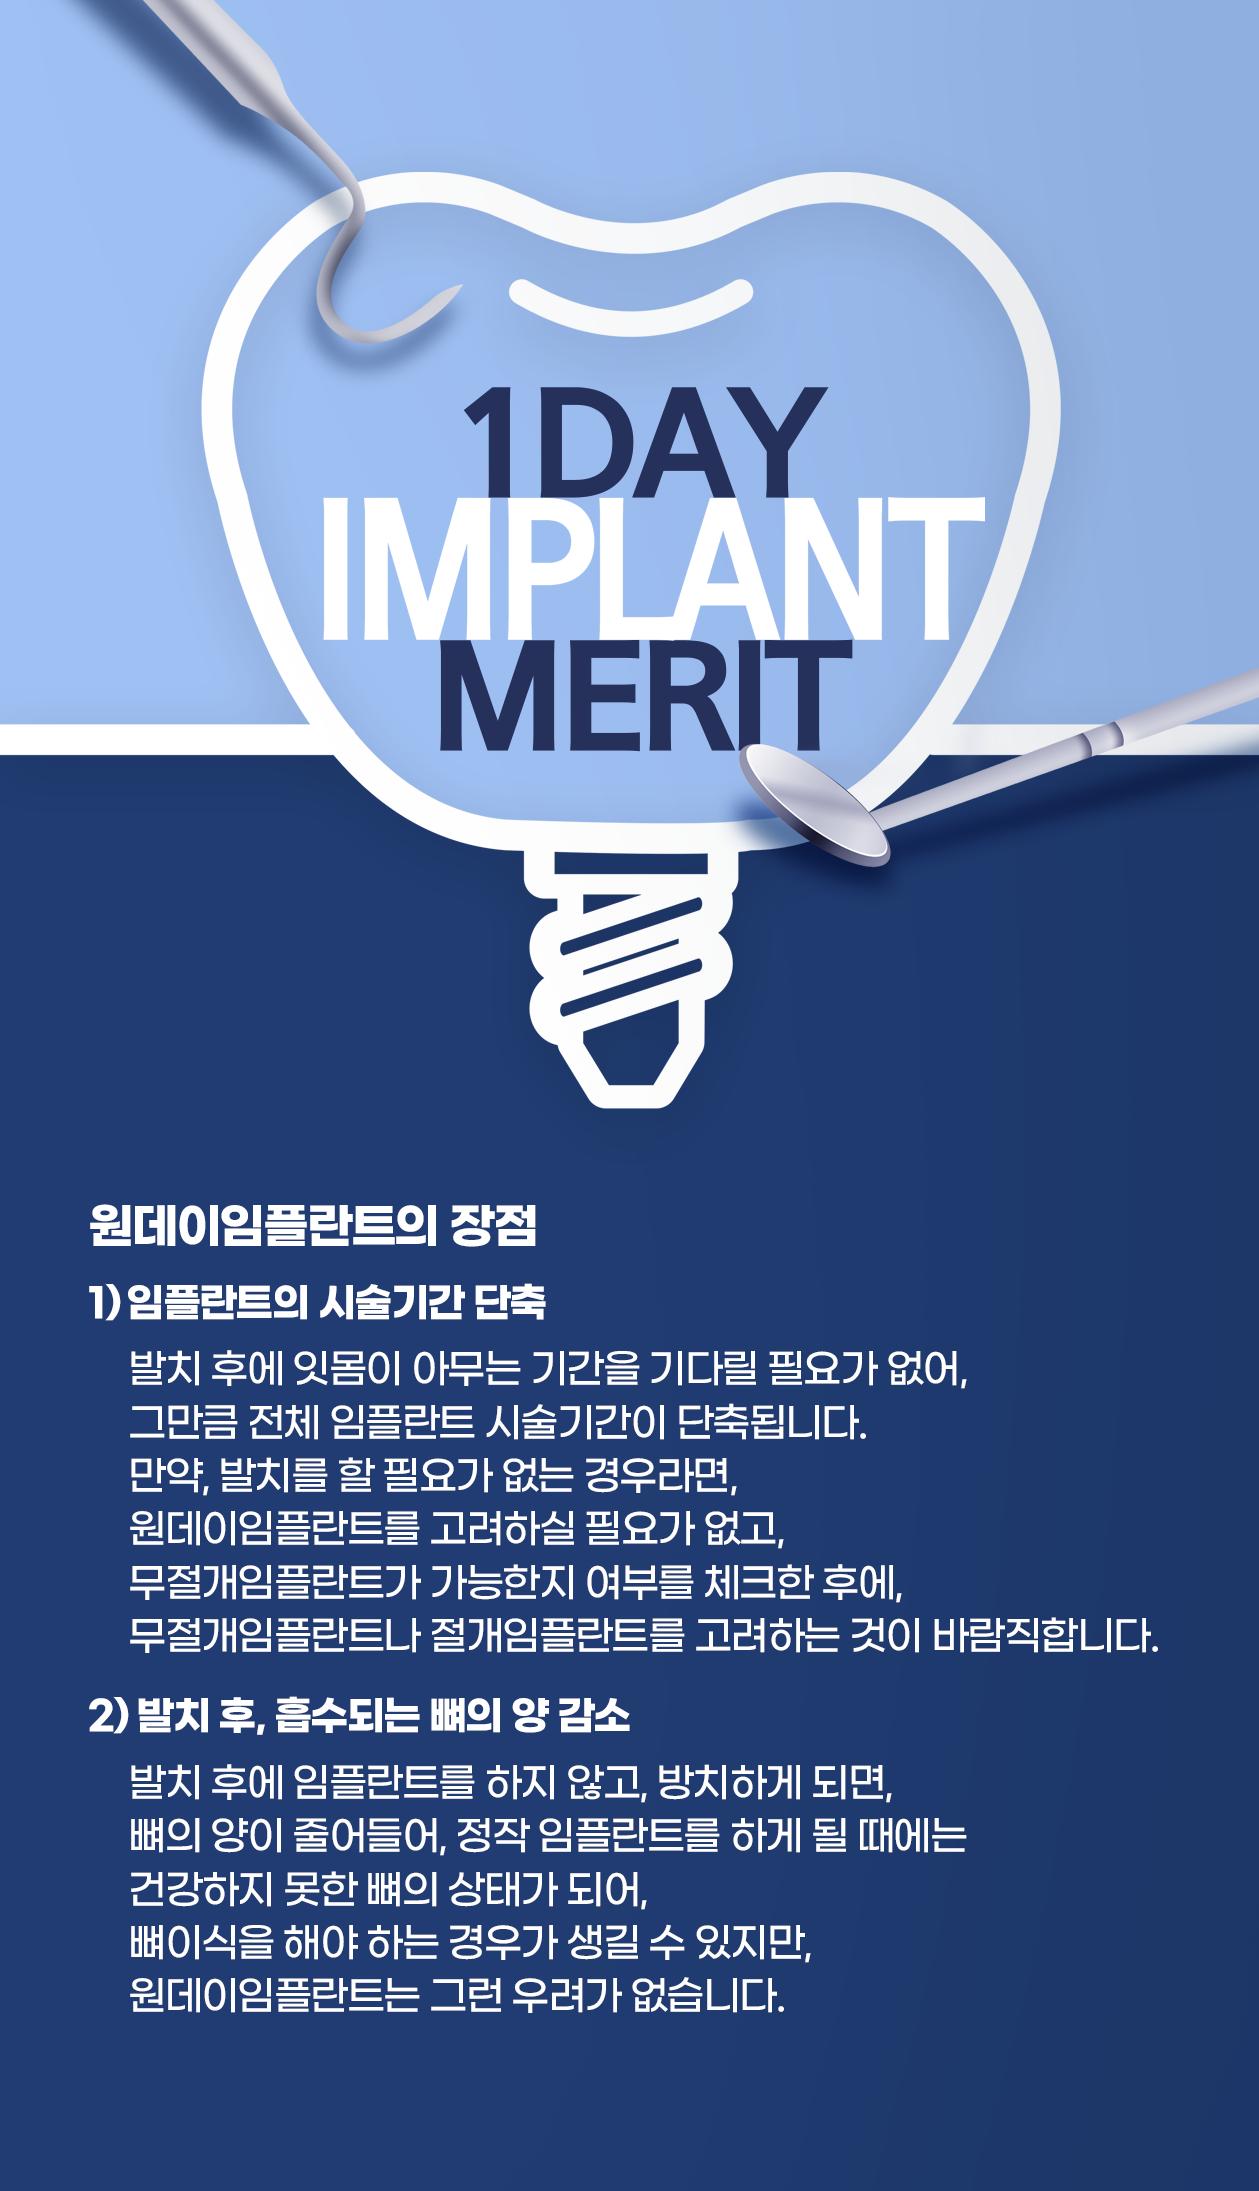 1DAY IMPLANT MERIT